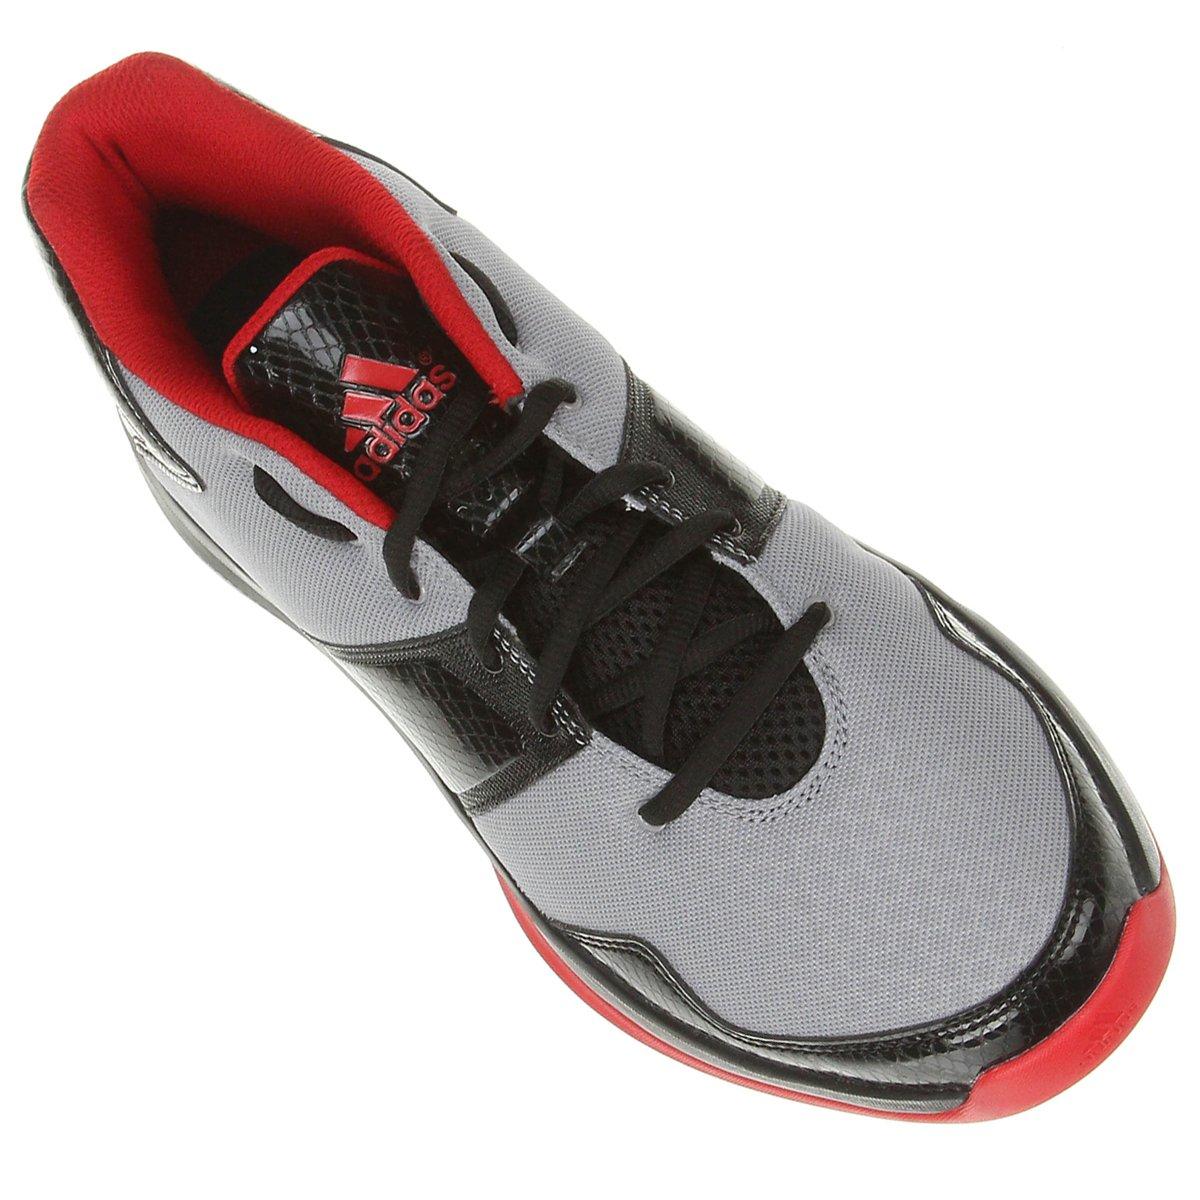 27f5dc0360 Tênis Adidas Crazy Isolation - Compre Agora